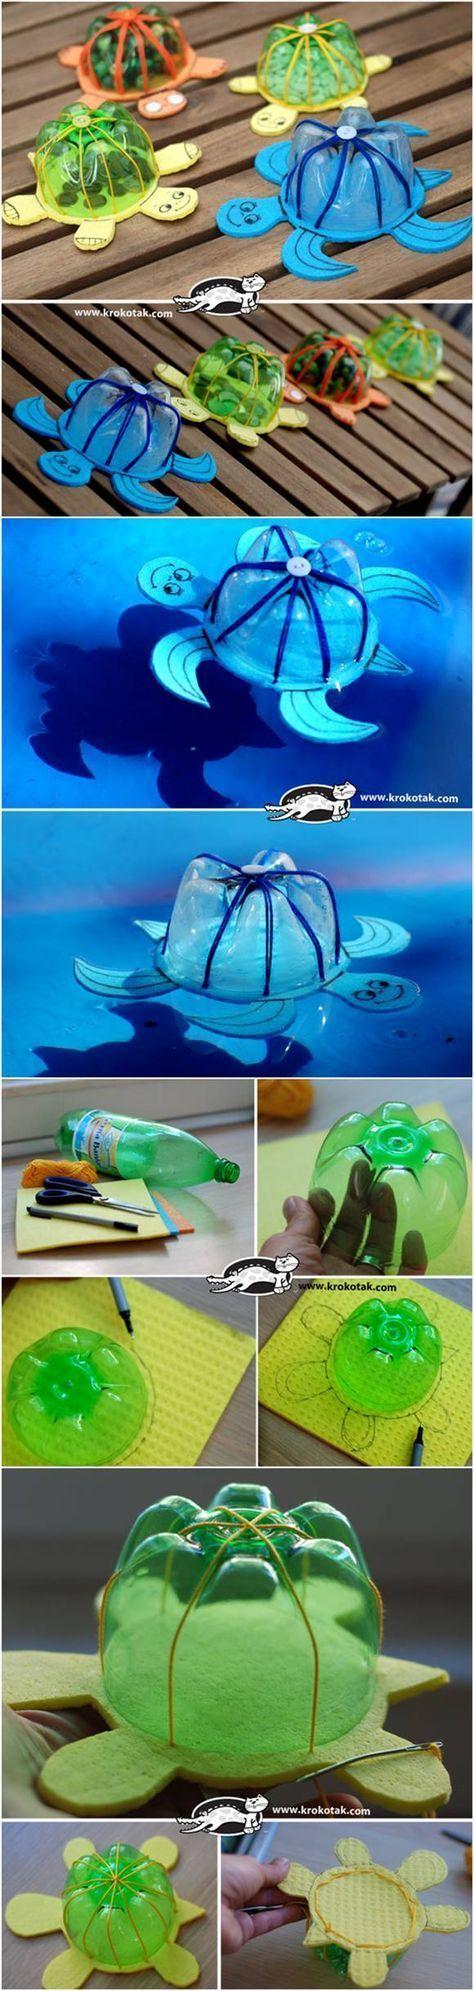 Wie DIY Turtle Toys aus recycelten Plastikflaschen zu machen